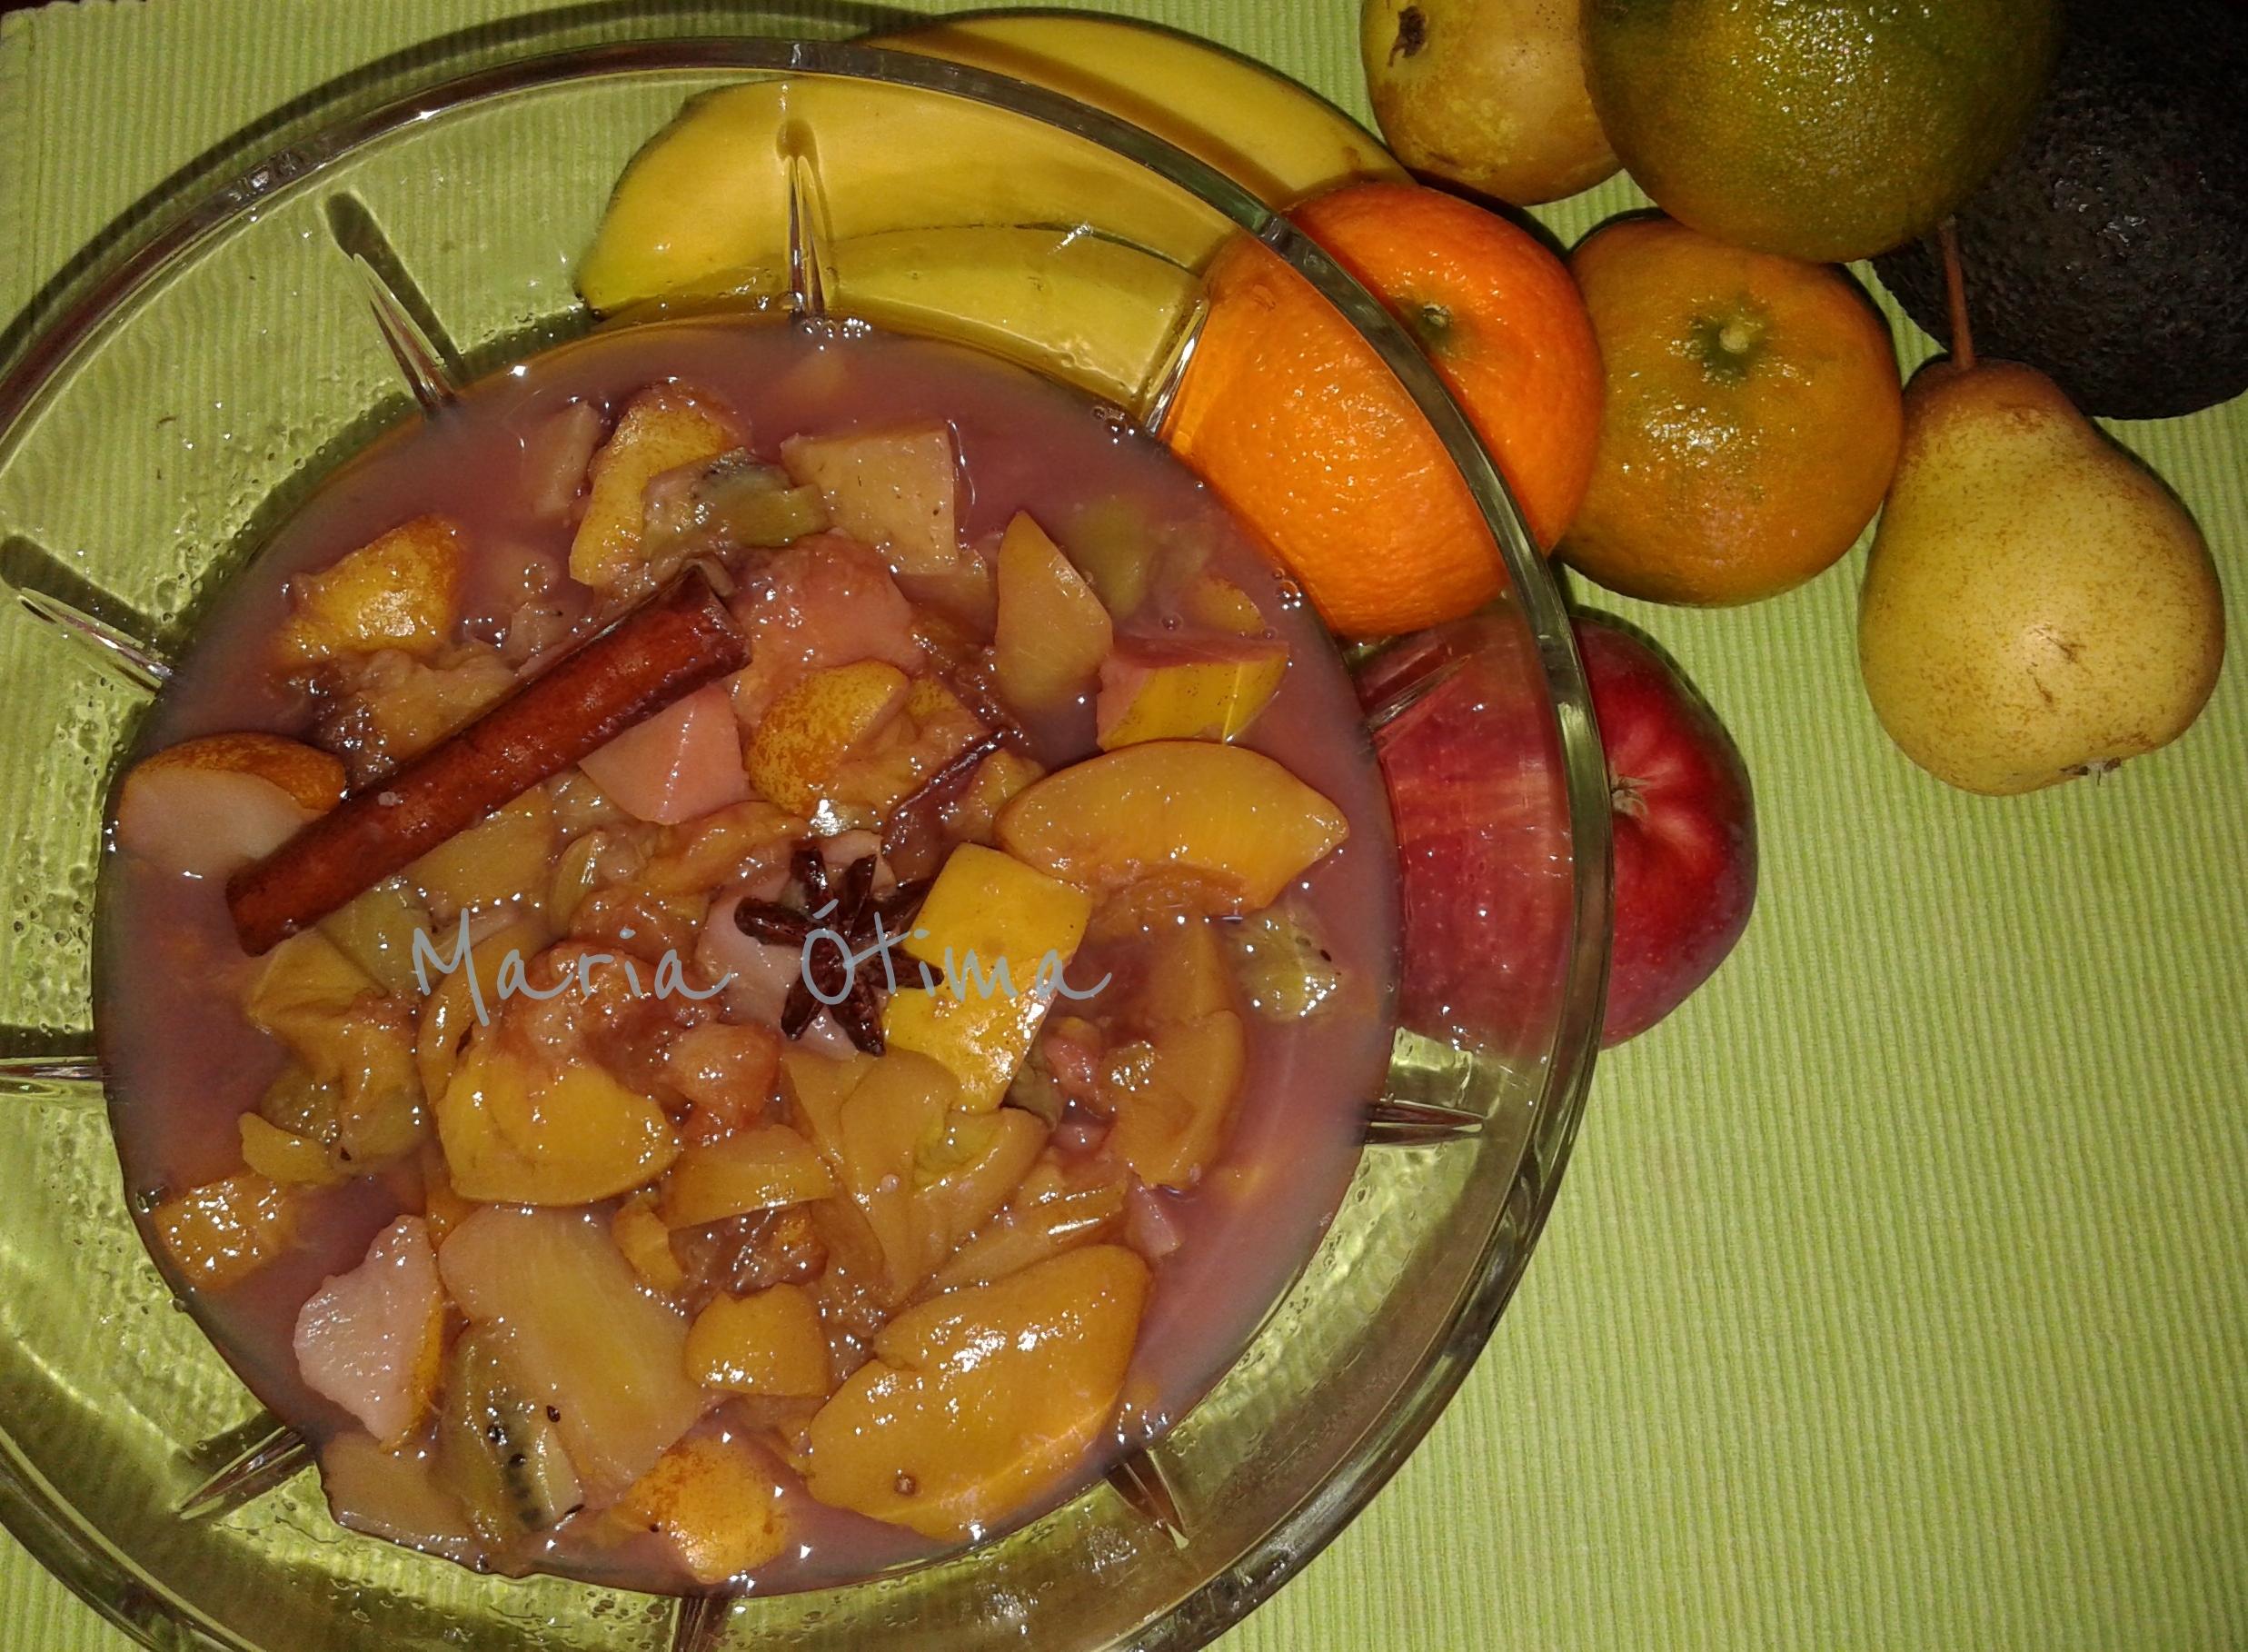 Frute cozida2.jpg